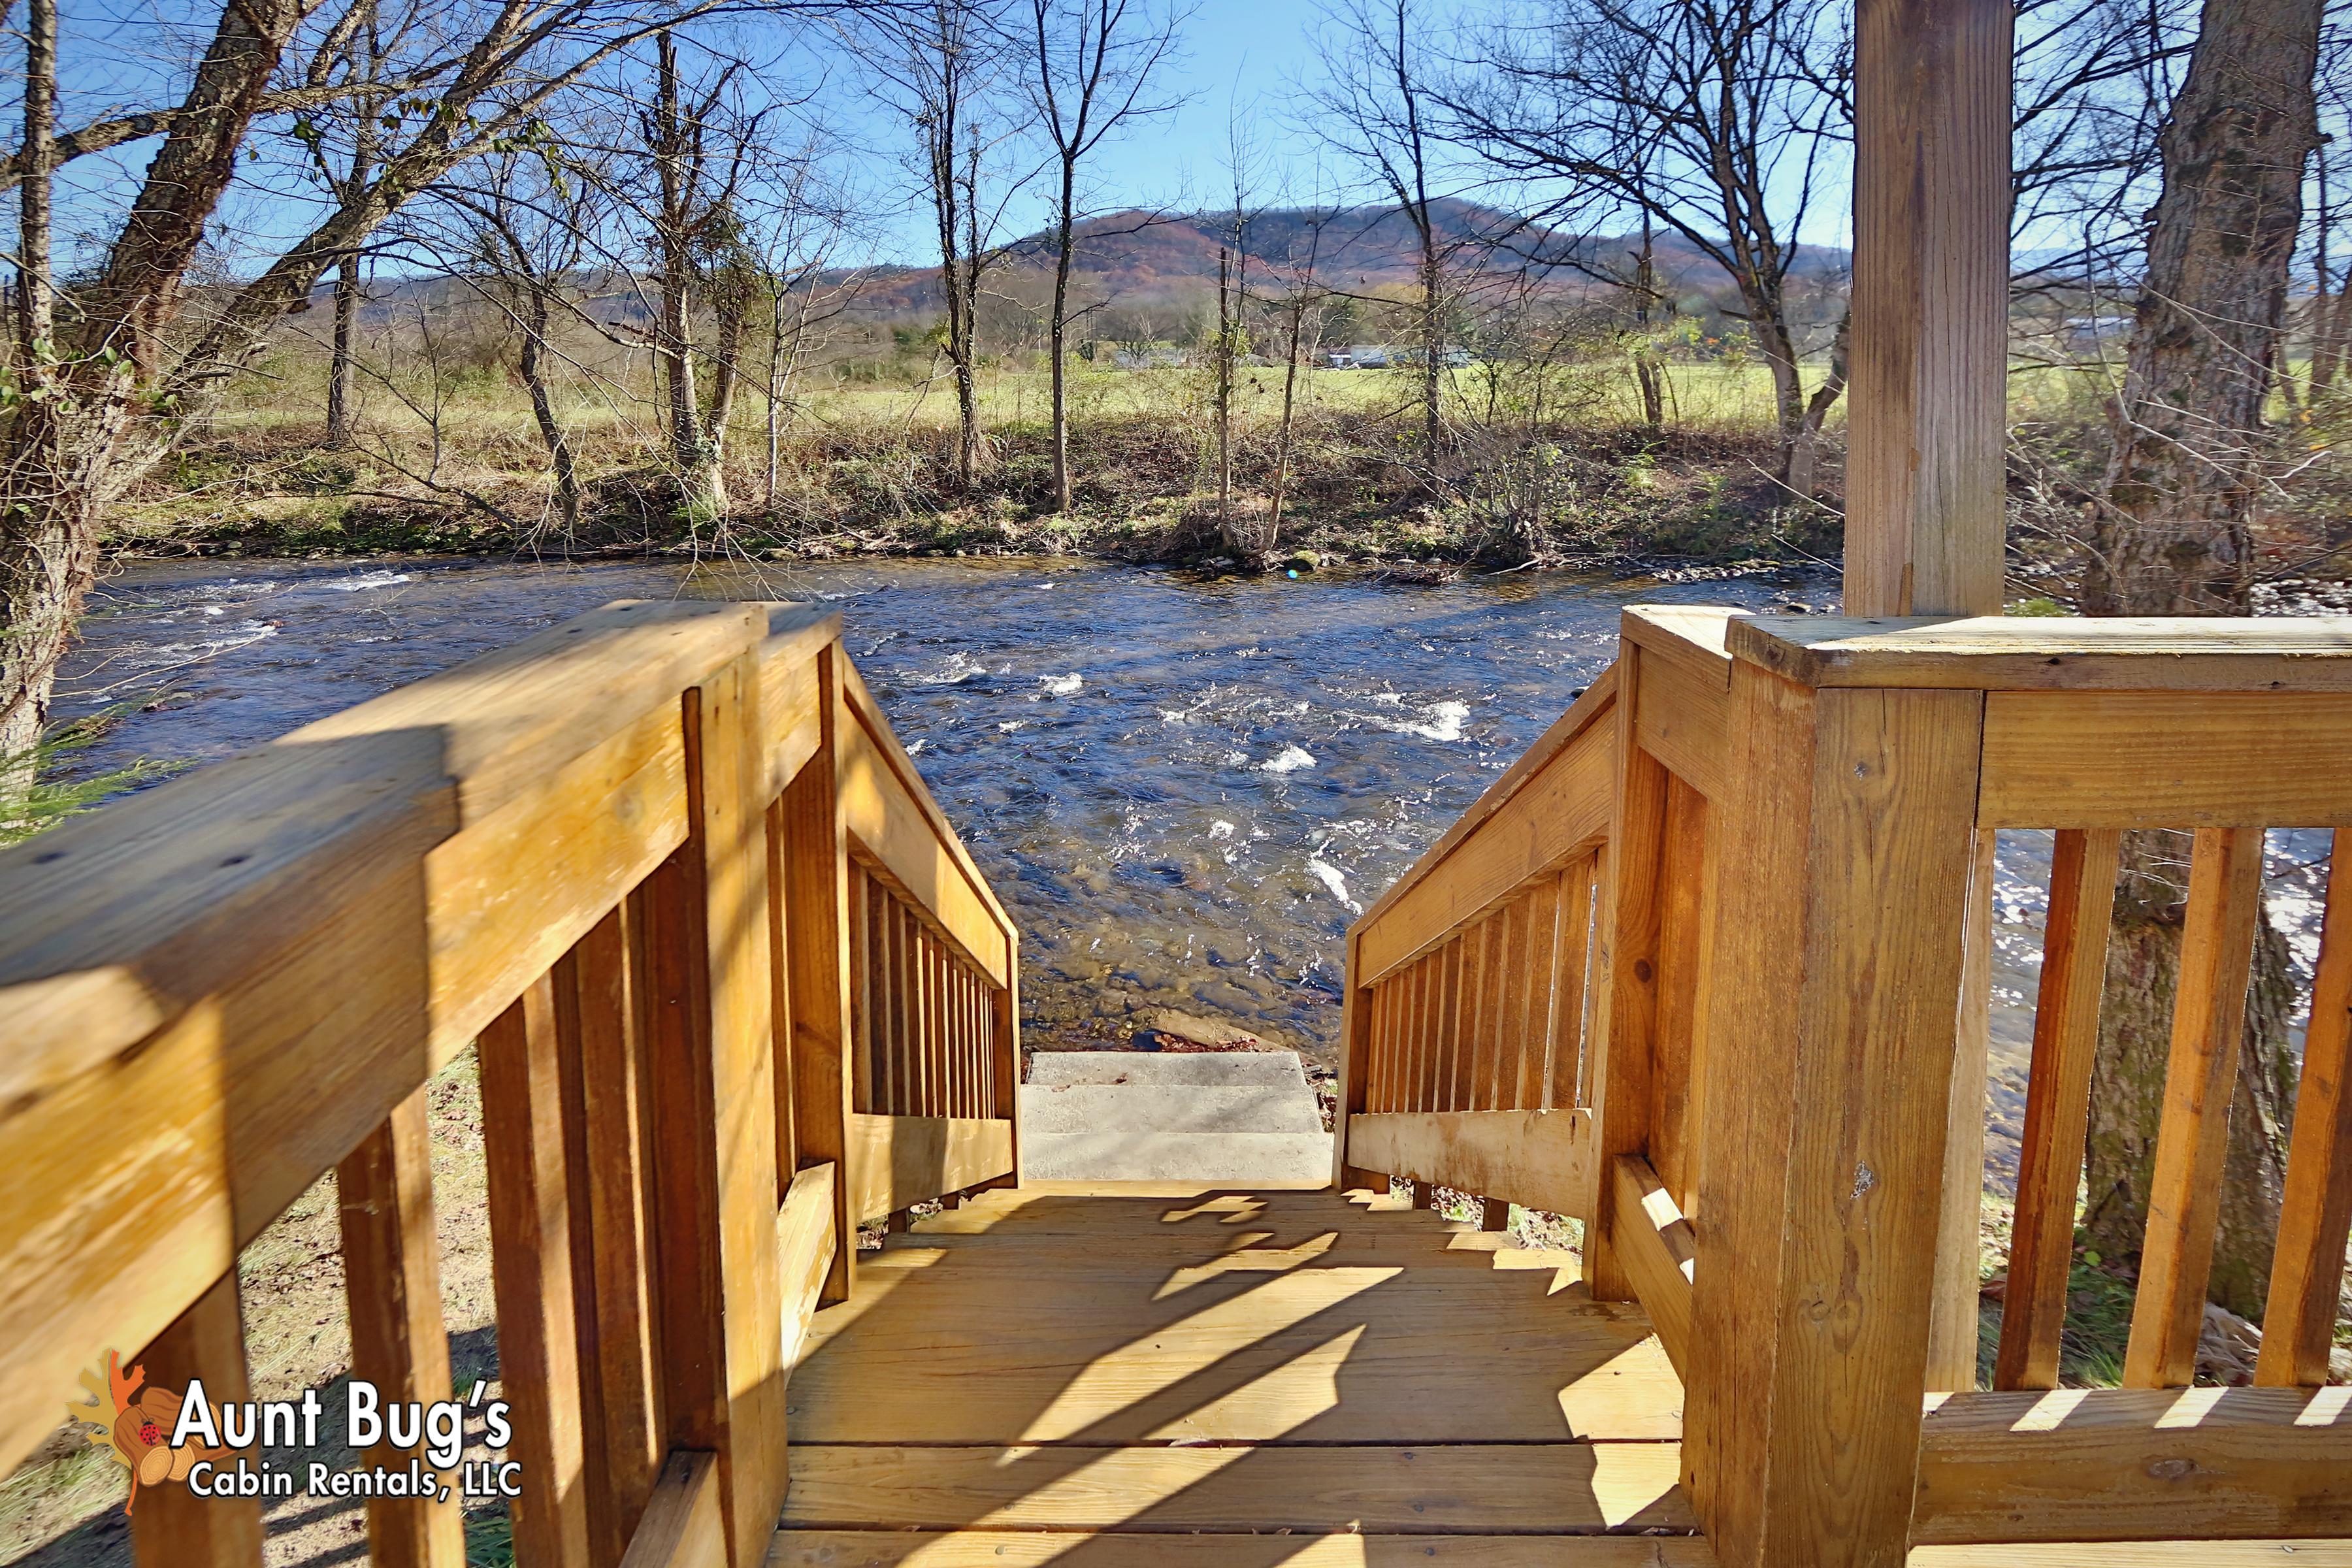 Cosby cabin rental heavenly creekside 276 2 bedroom for Heavenly cabin rentals